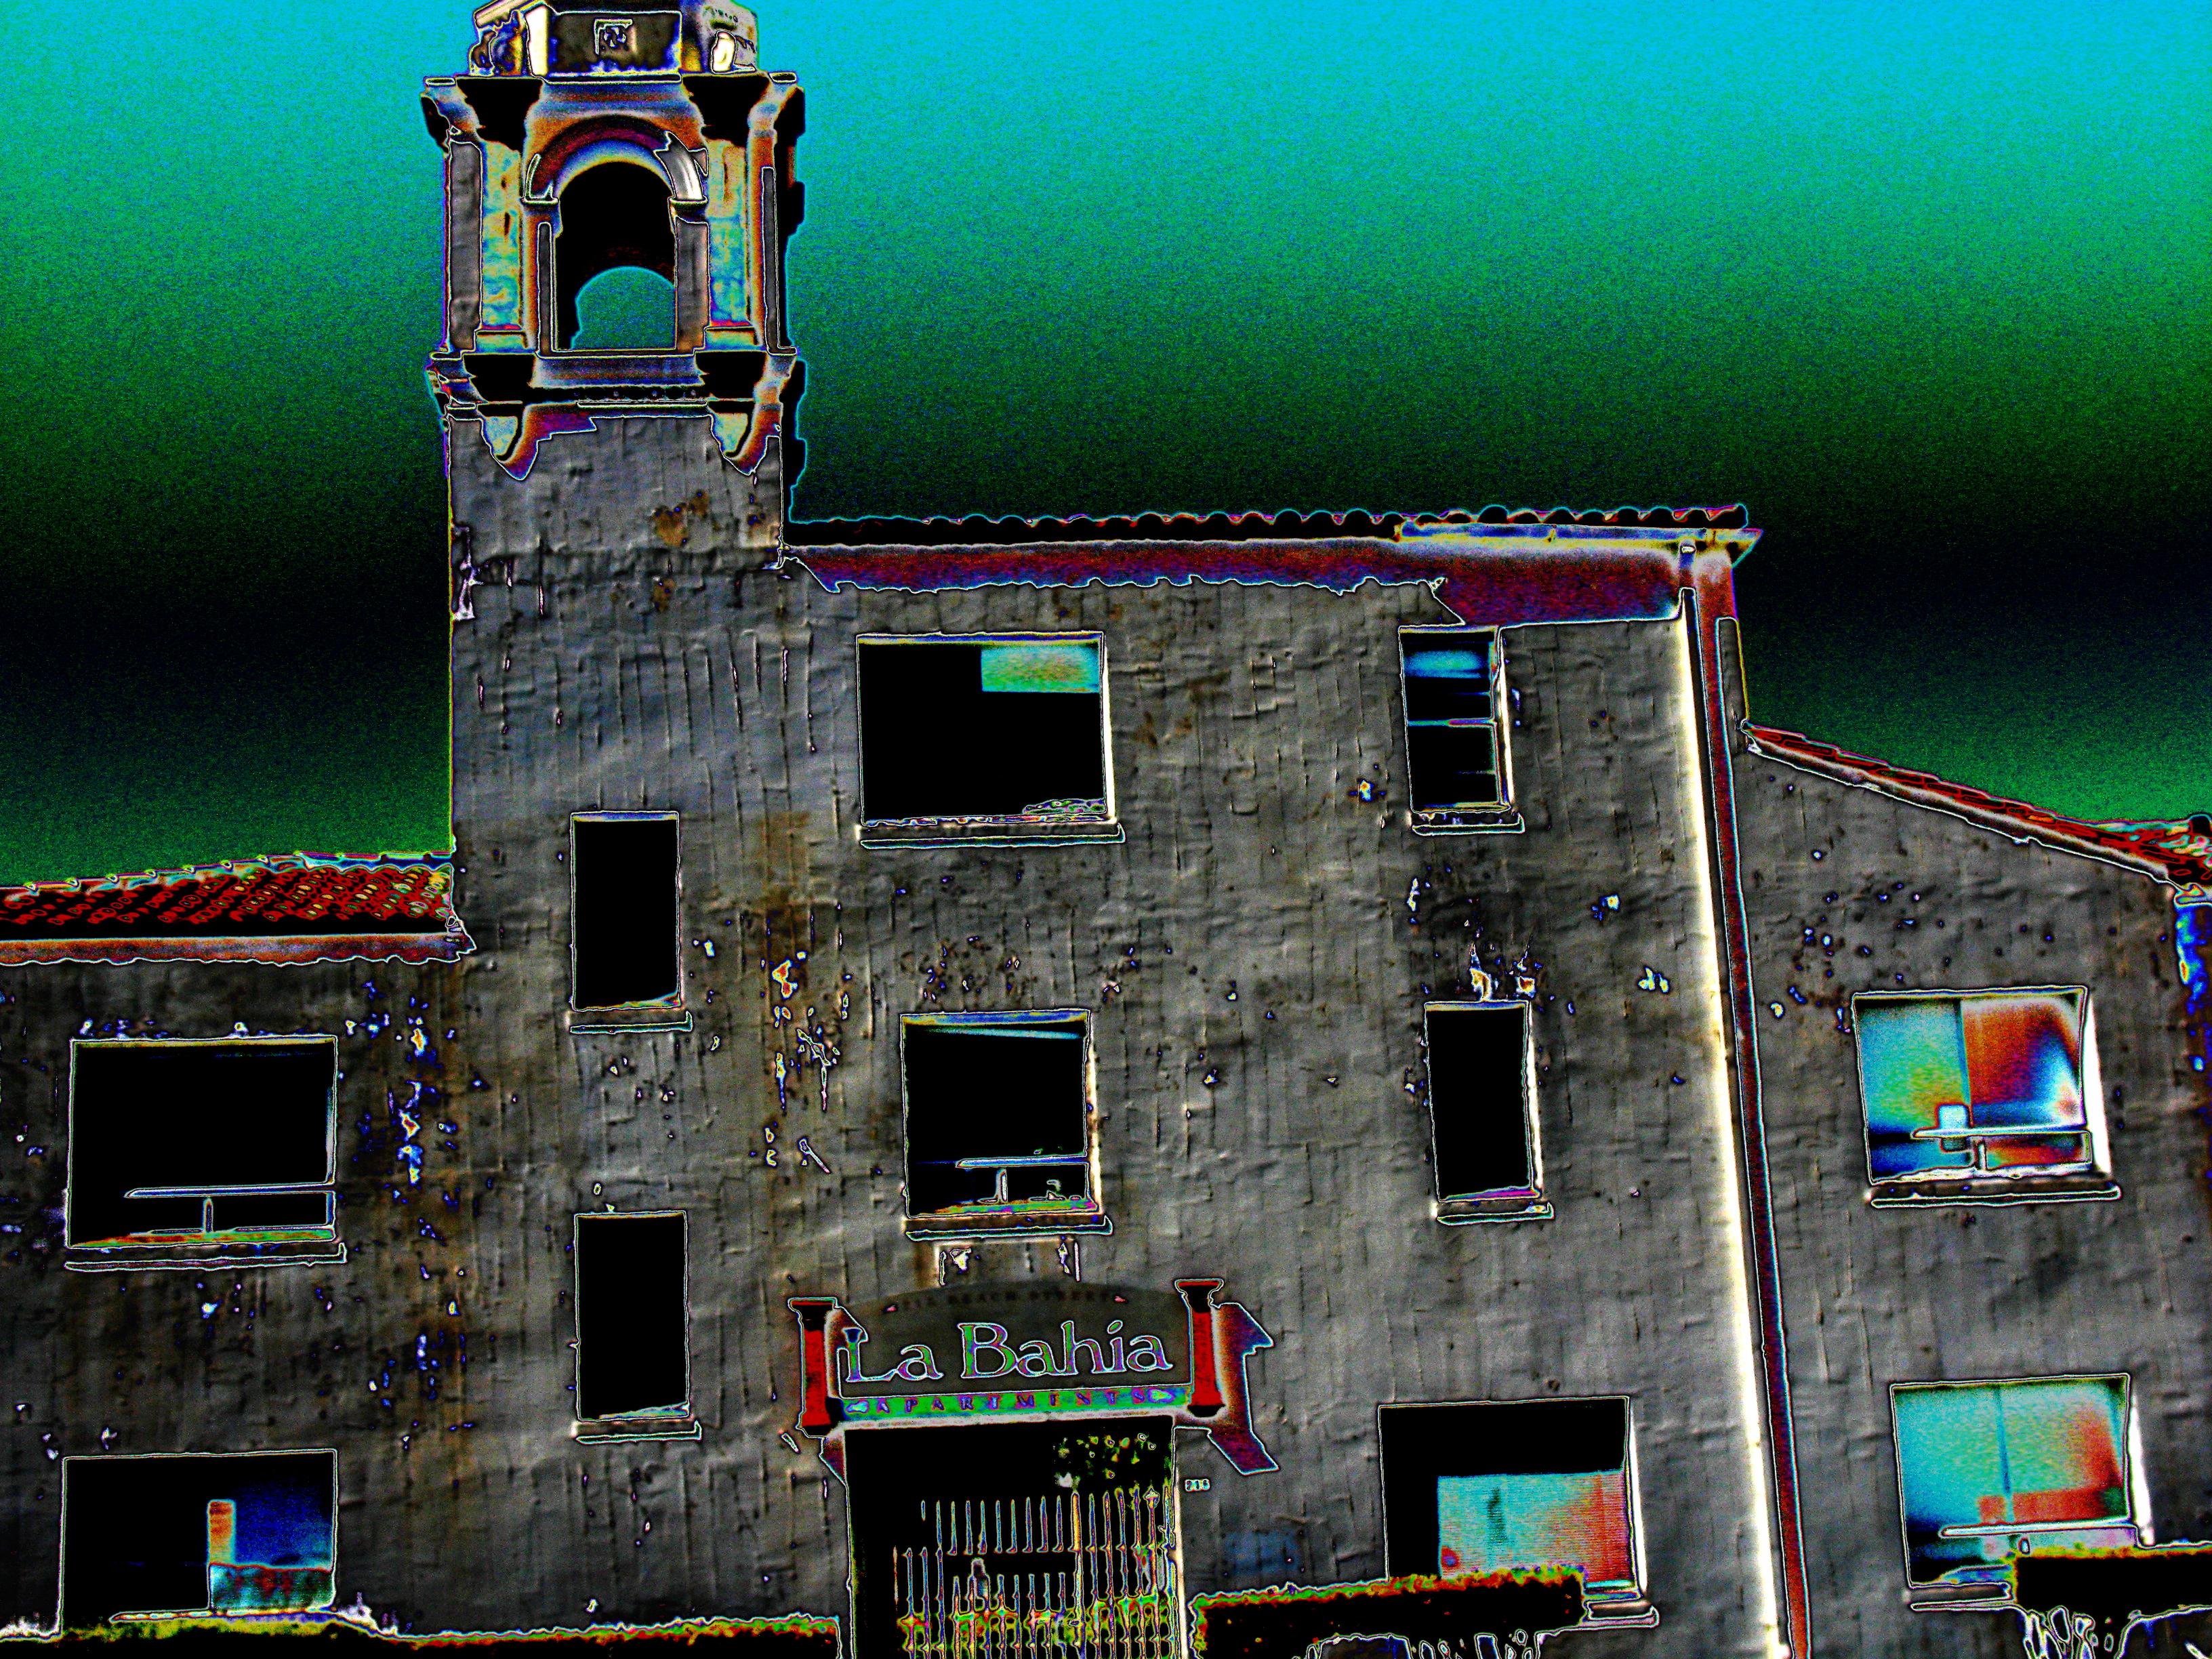 La Bahia Psychedelic Ghost Villa